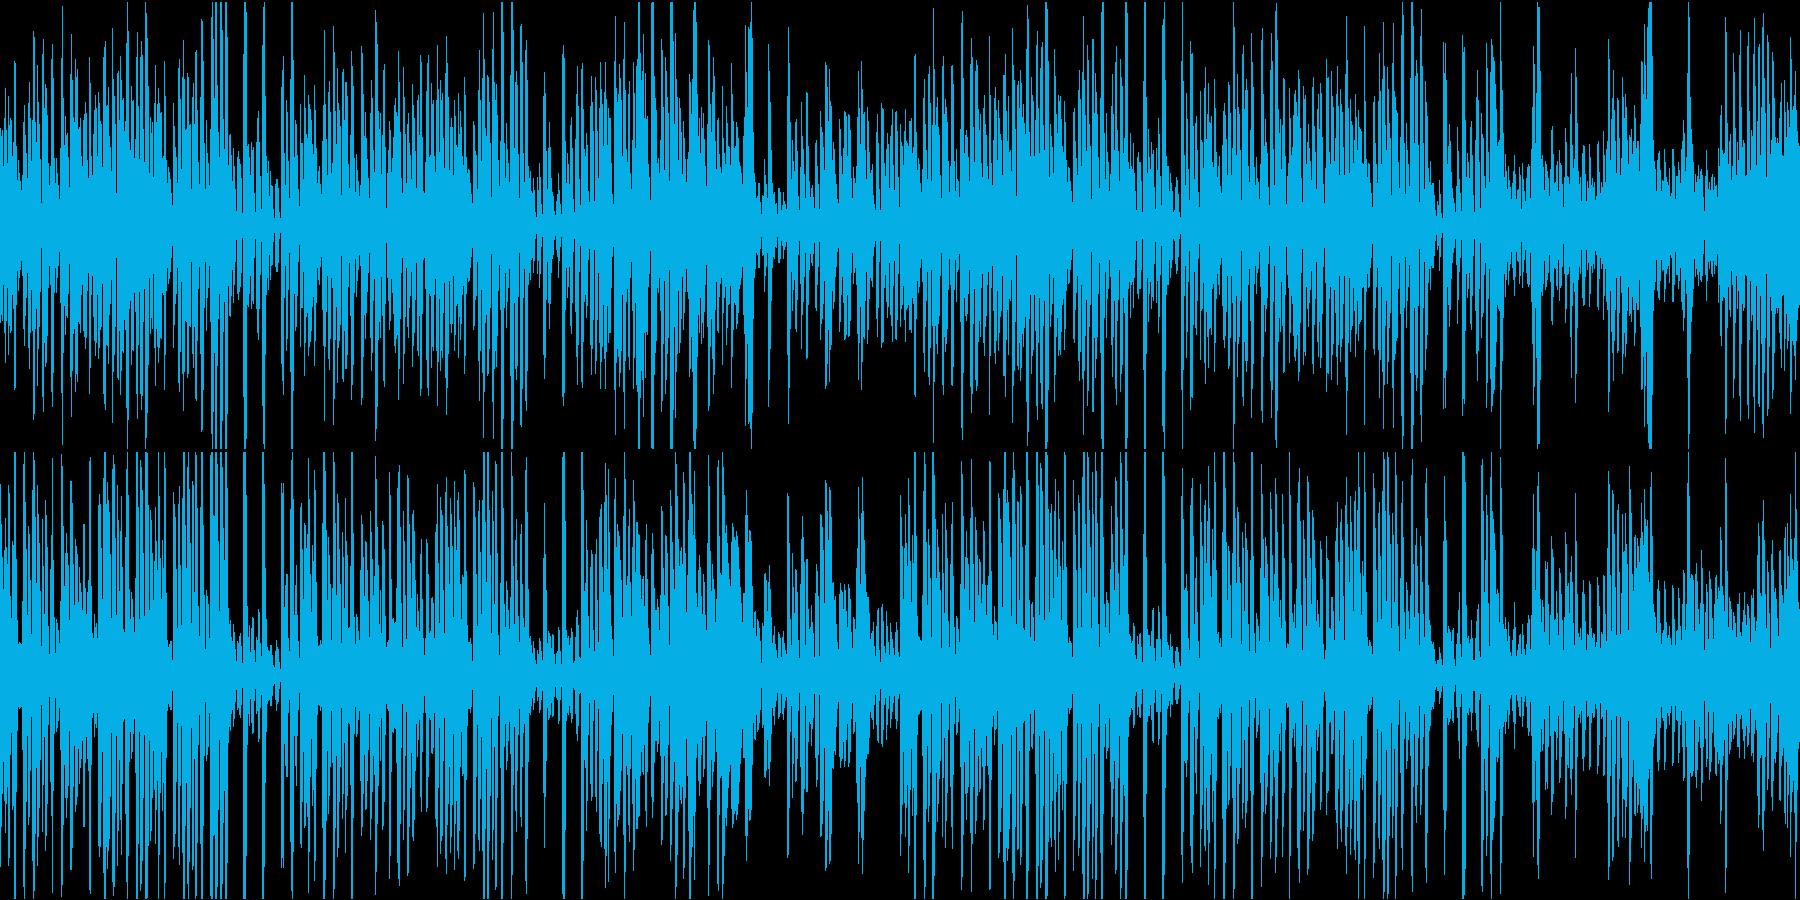 ウェスタン風ラグタイムピアノループの再生済みの波形